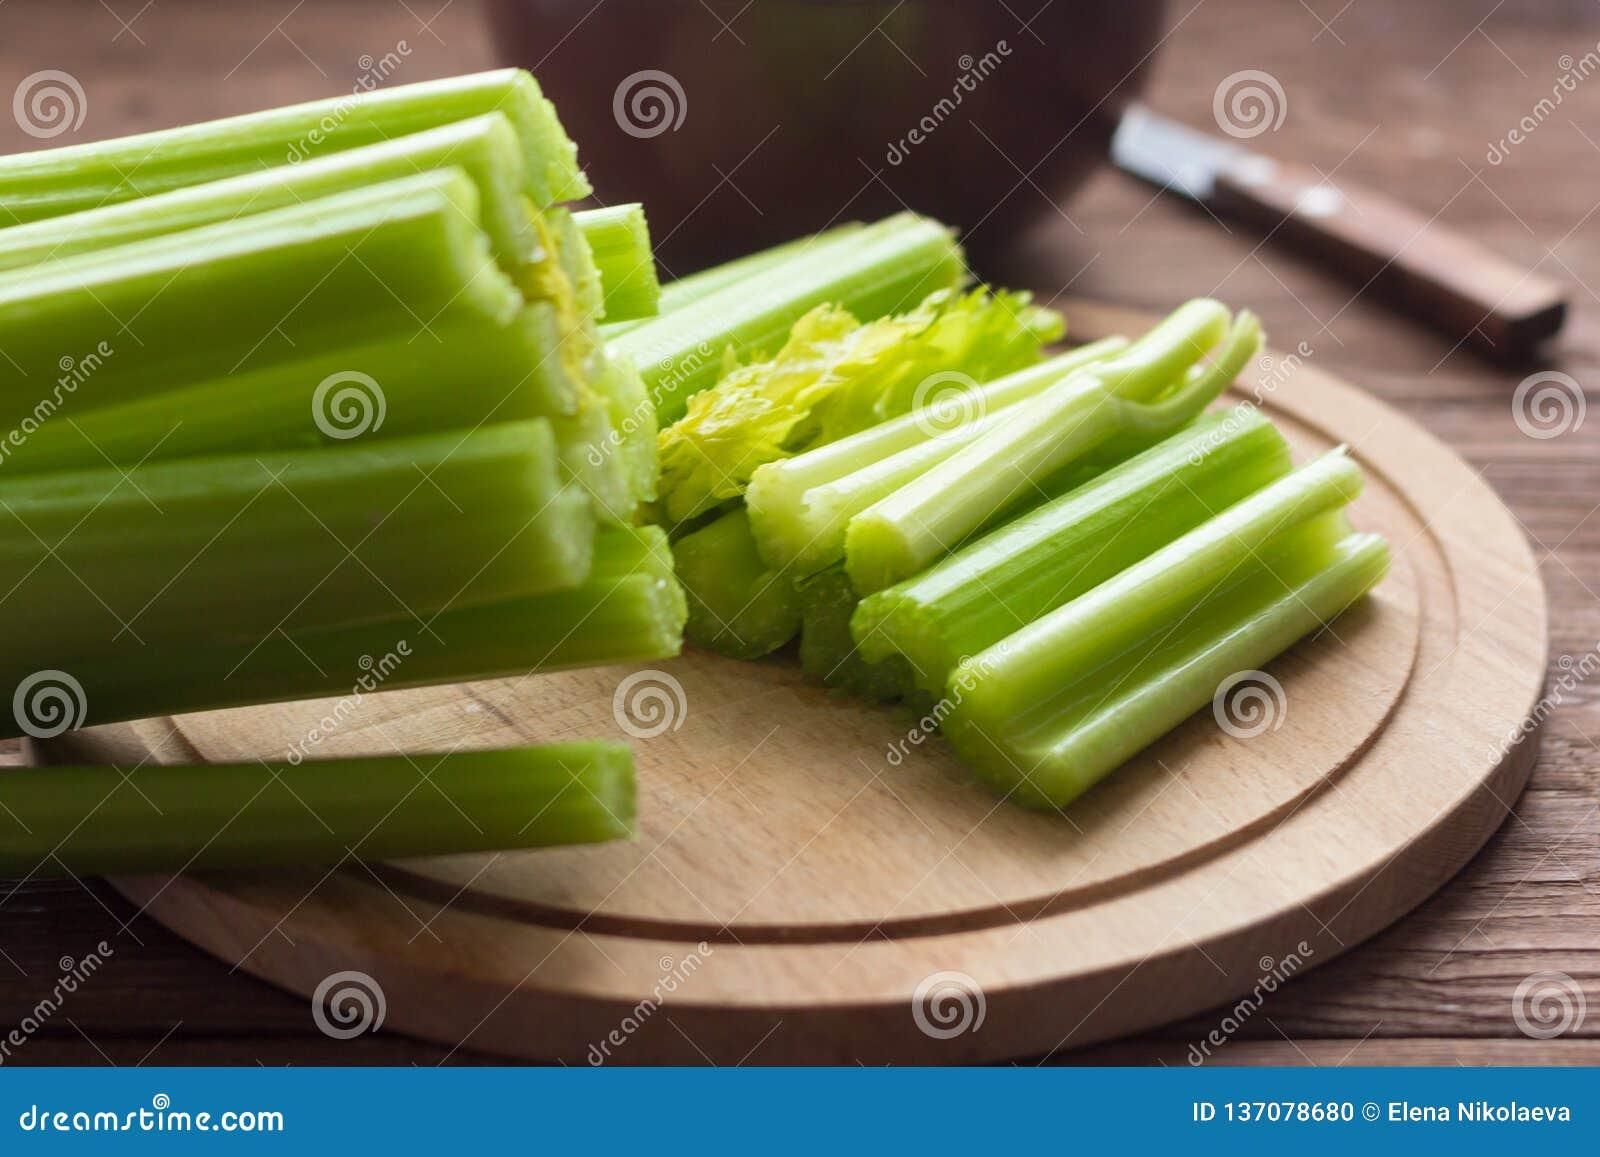 新鲜的芹菜,芹菜茎在木背景关闭